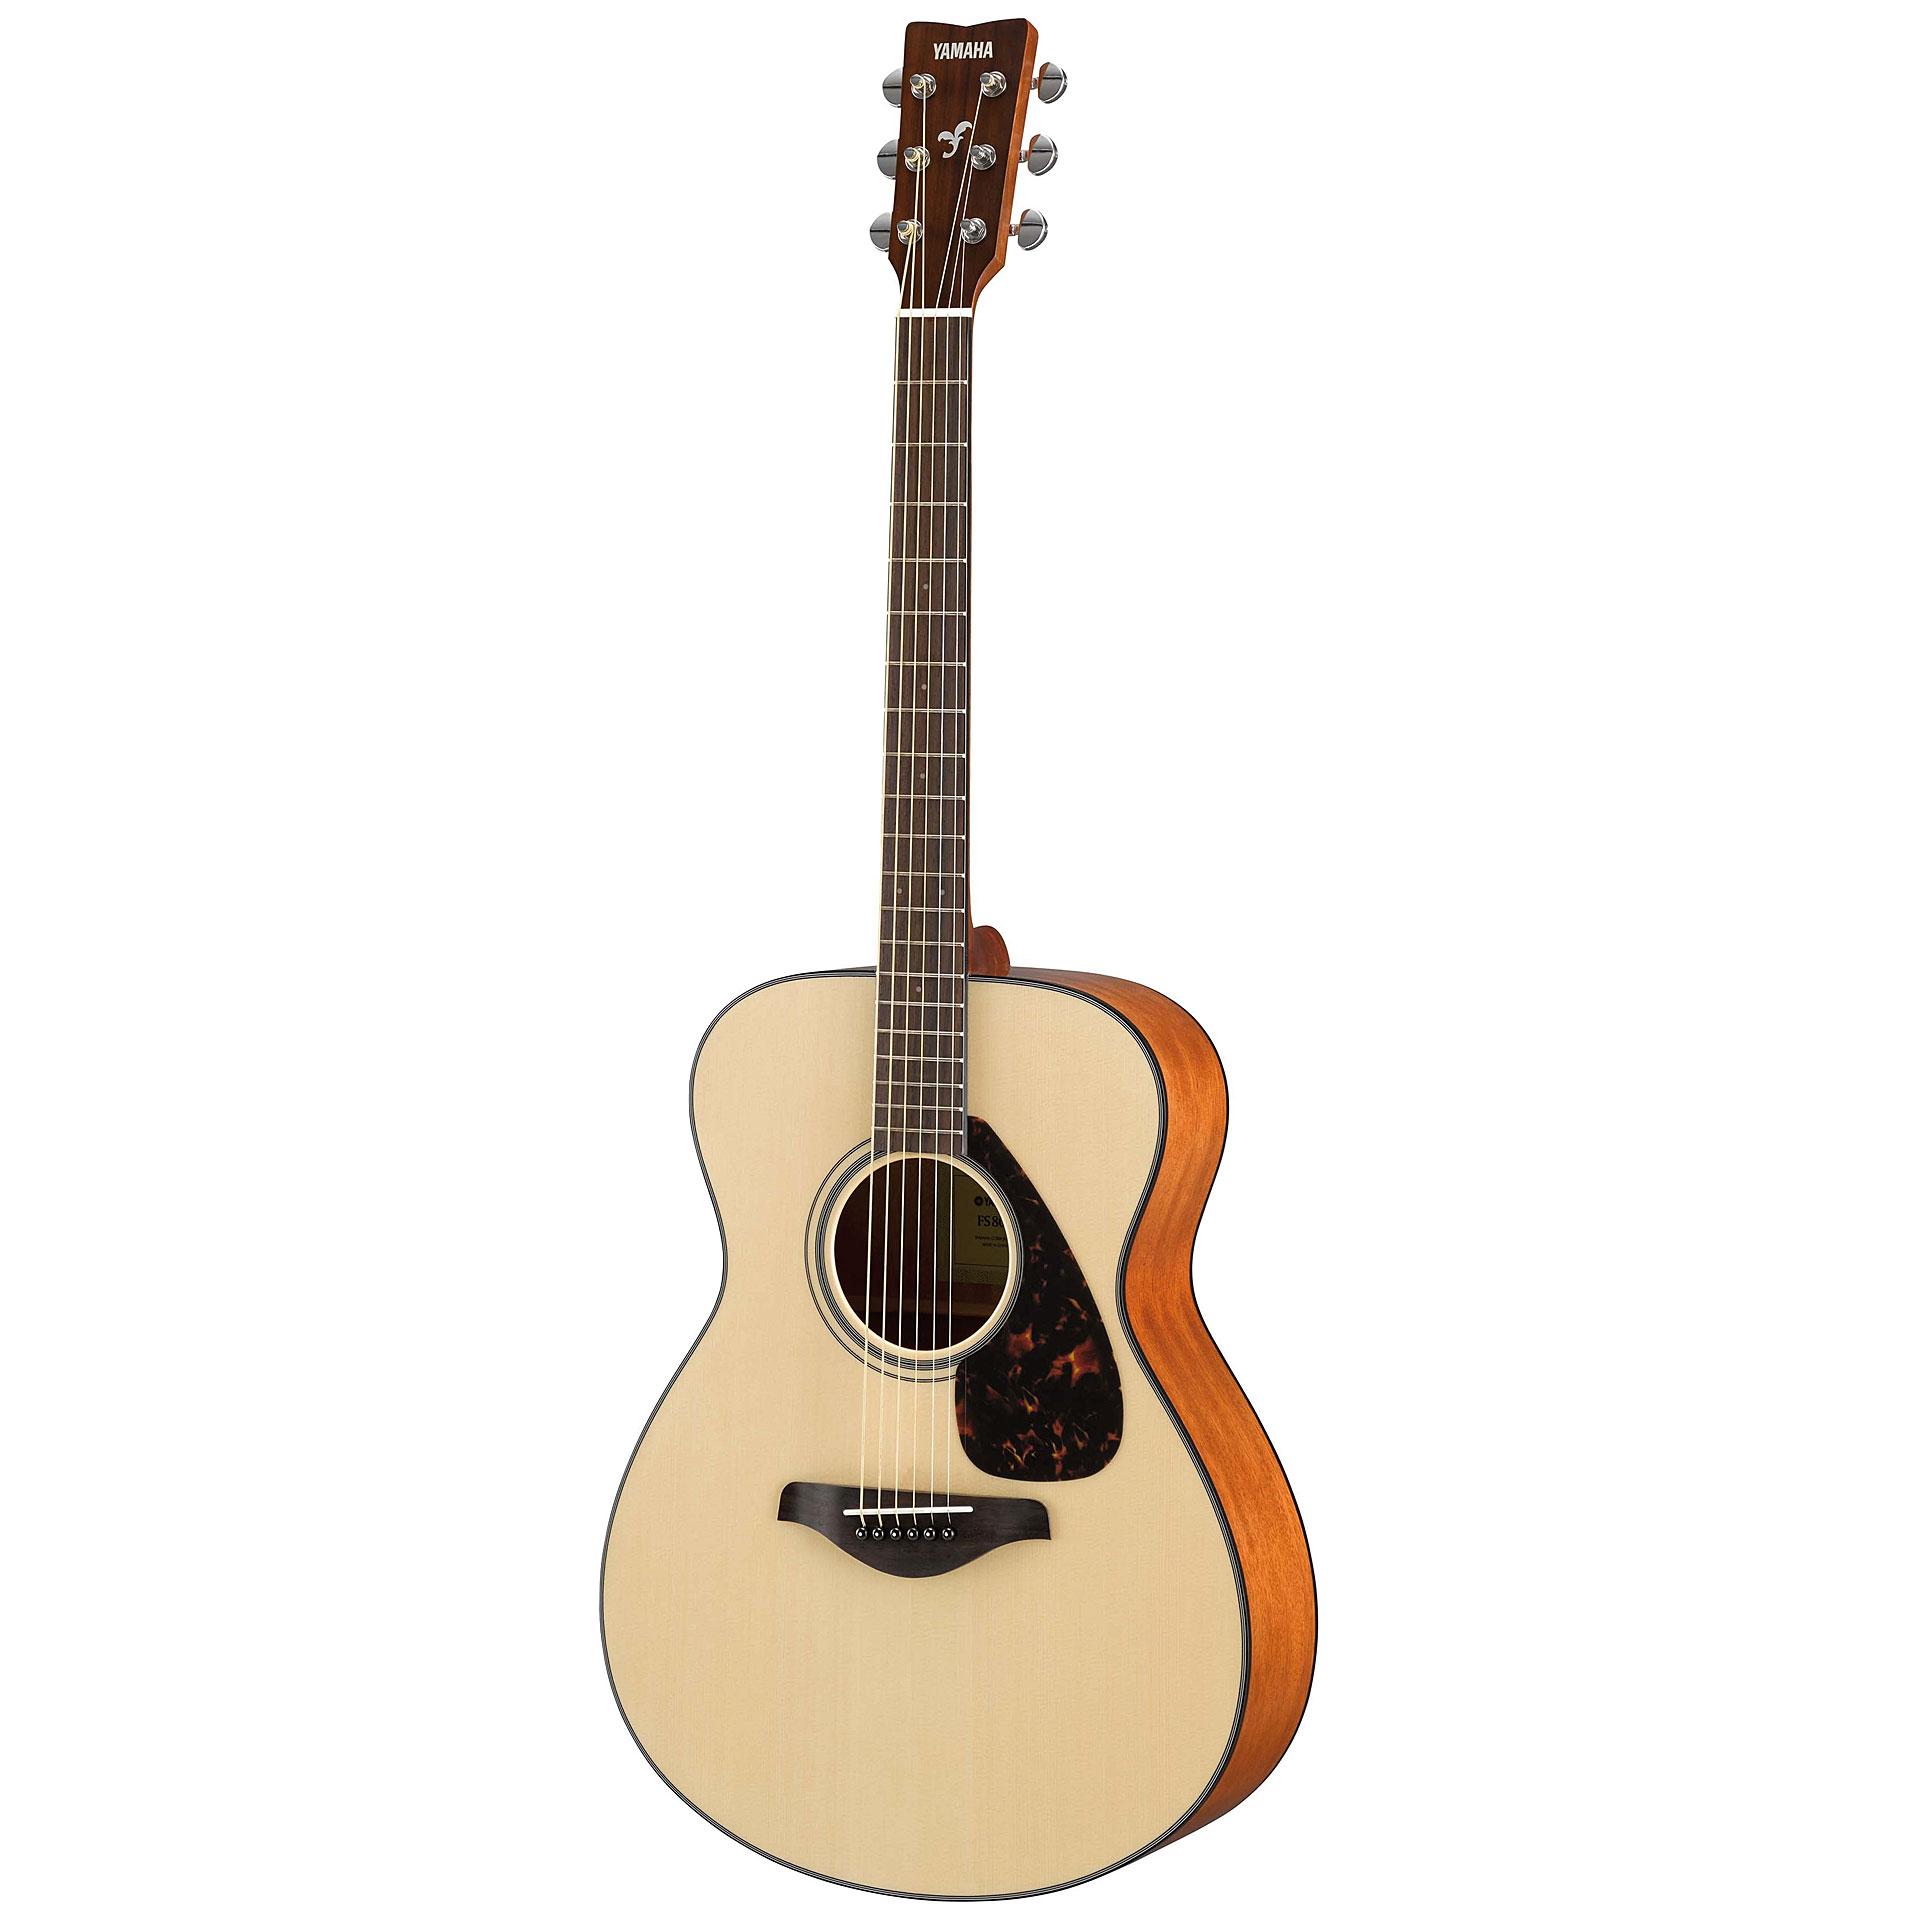 yamaha fs800 nt guitare acoustique. Black Bedroom Furniture Sets. Home Design Ideas